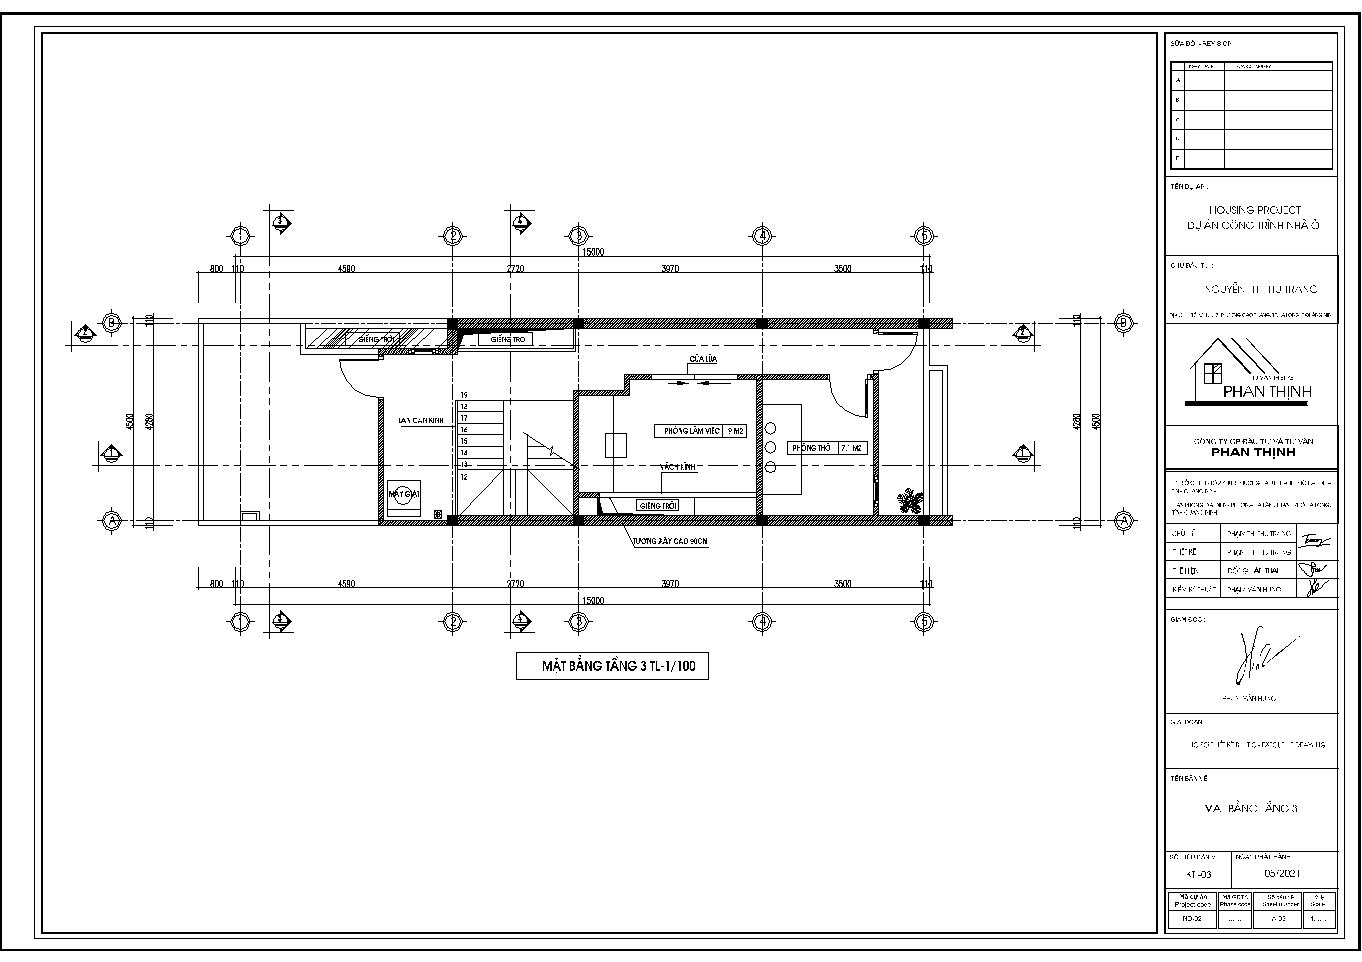 Hình ảnh mặt bằng tầng 3 của ngôi nhà